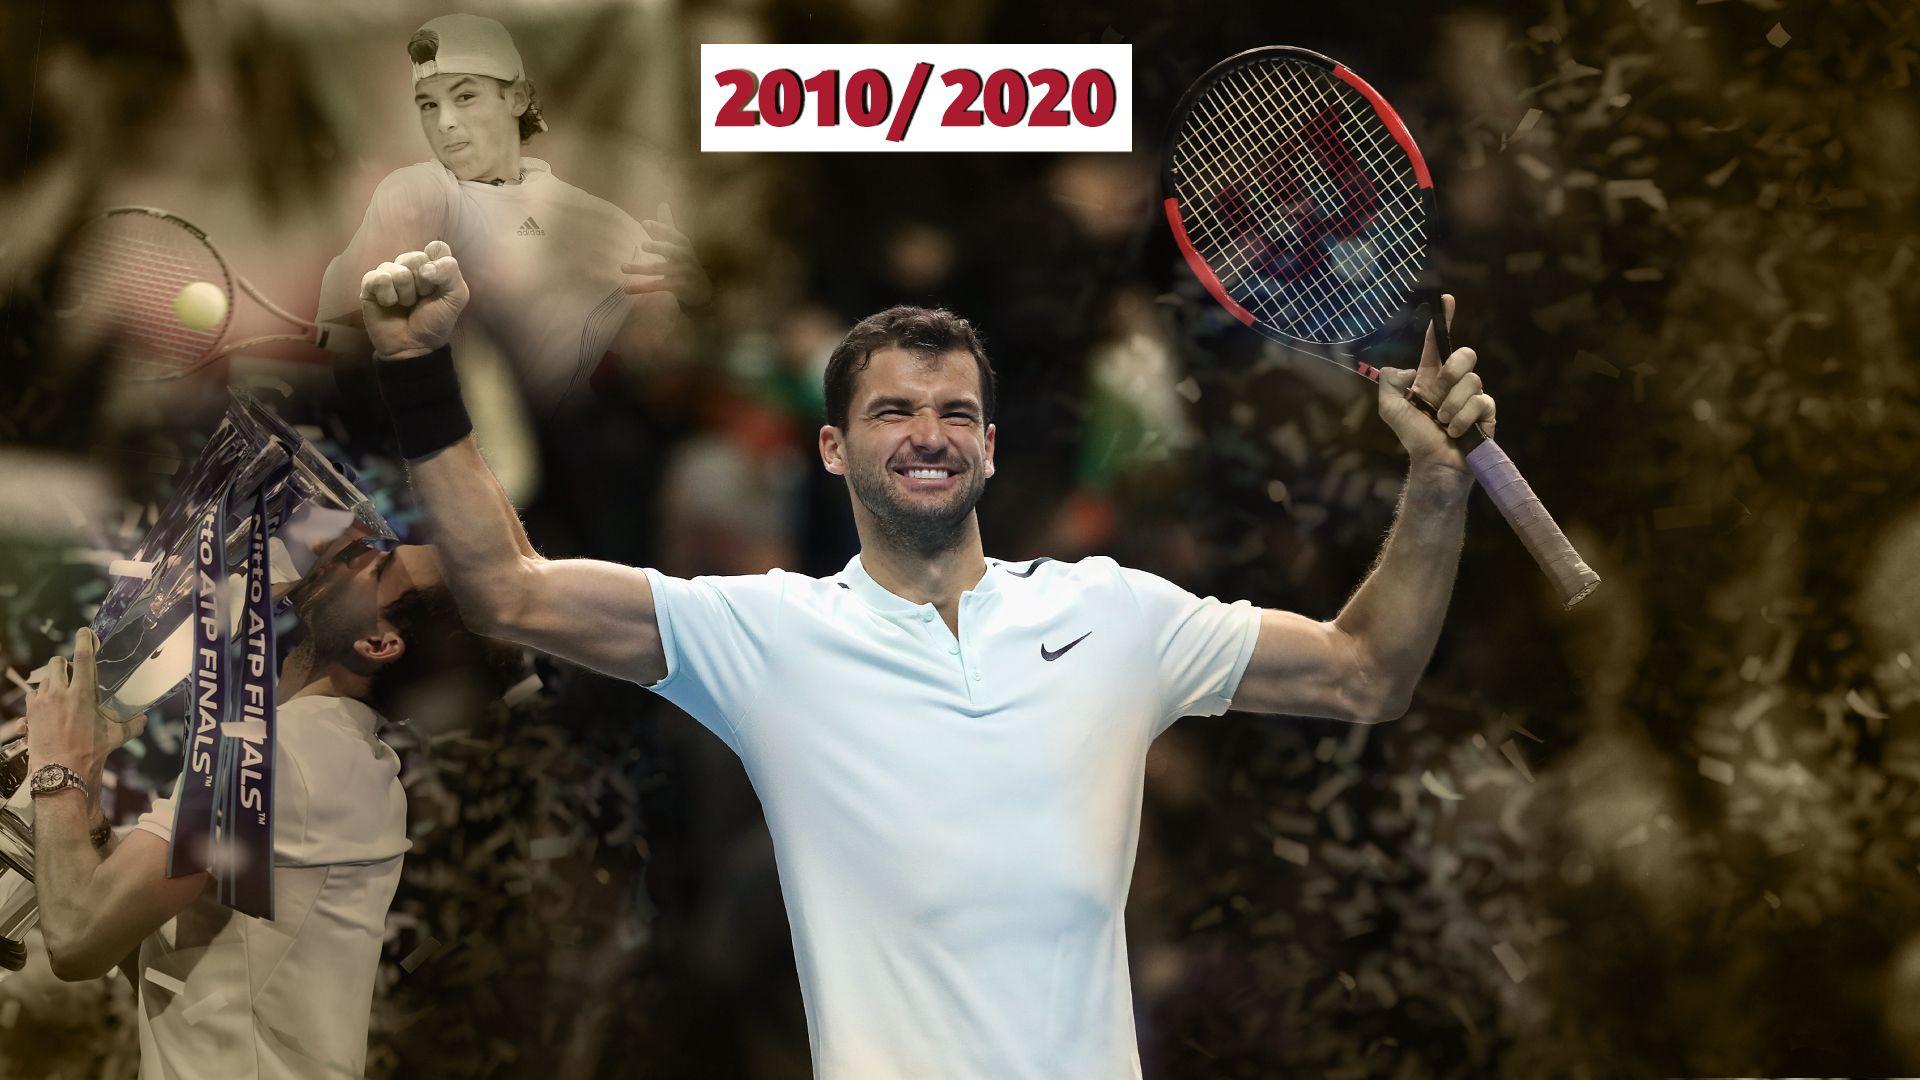 Десетилетието в спорта: Възходът на един български тенисист